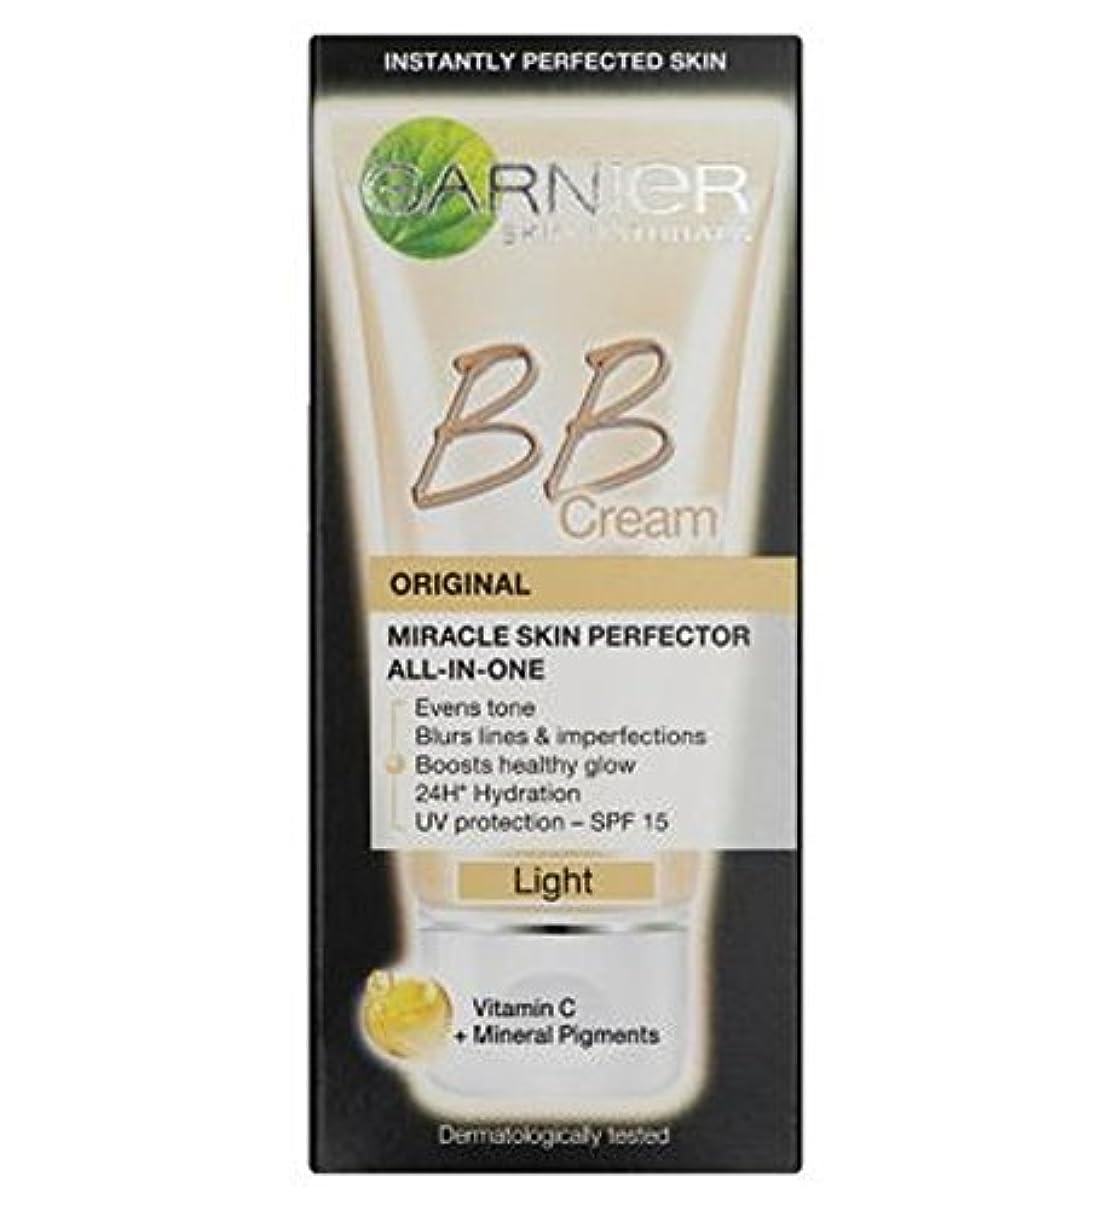 パス独立検閲Garnier Skin Perfector Daily All-In-One B.B. Blemish Balm Cream Light 50ml - 毎日オールインワンB.B.ガルニエスキンパーフェク傷バームクリームライト50ミリリットル (Garnier) [並行輸入品]